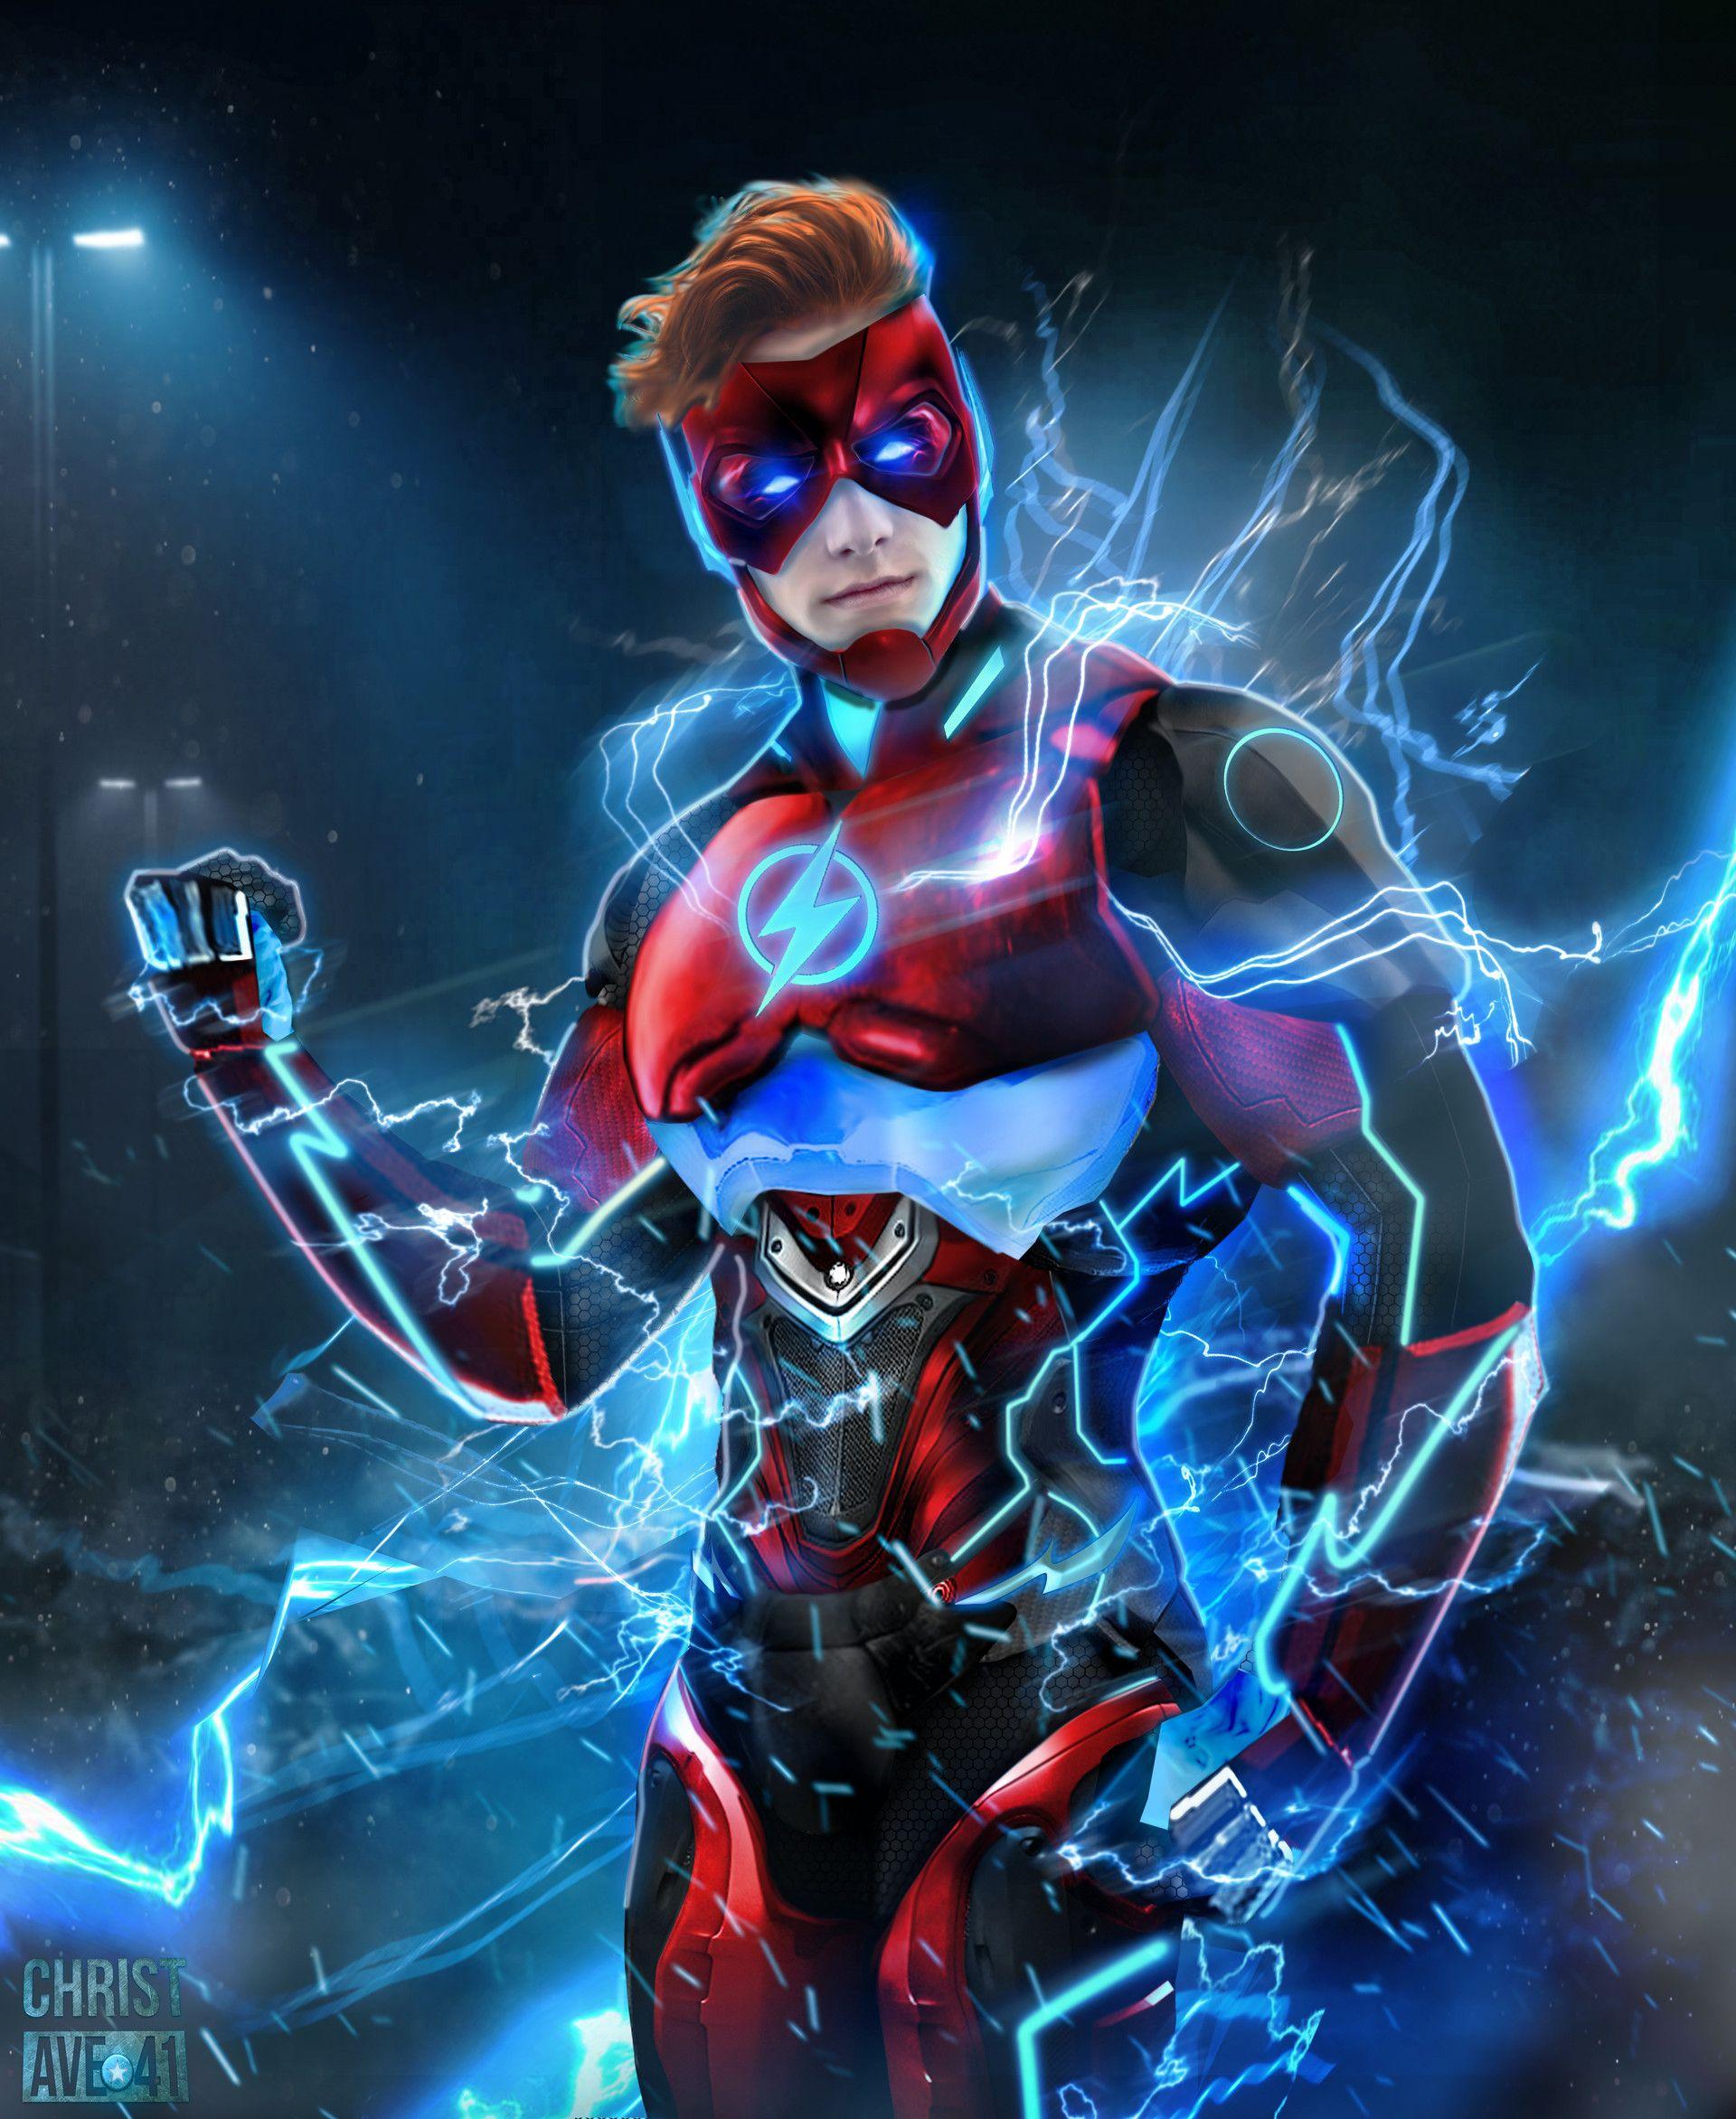 Dc Fan Art : Artstation superhero marvel dc fan art by christ ave